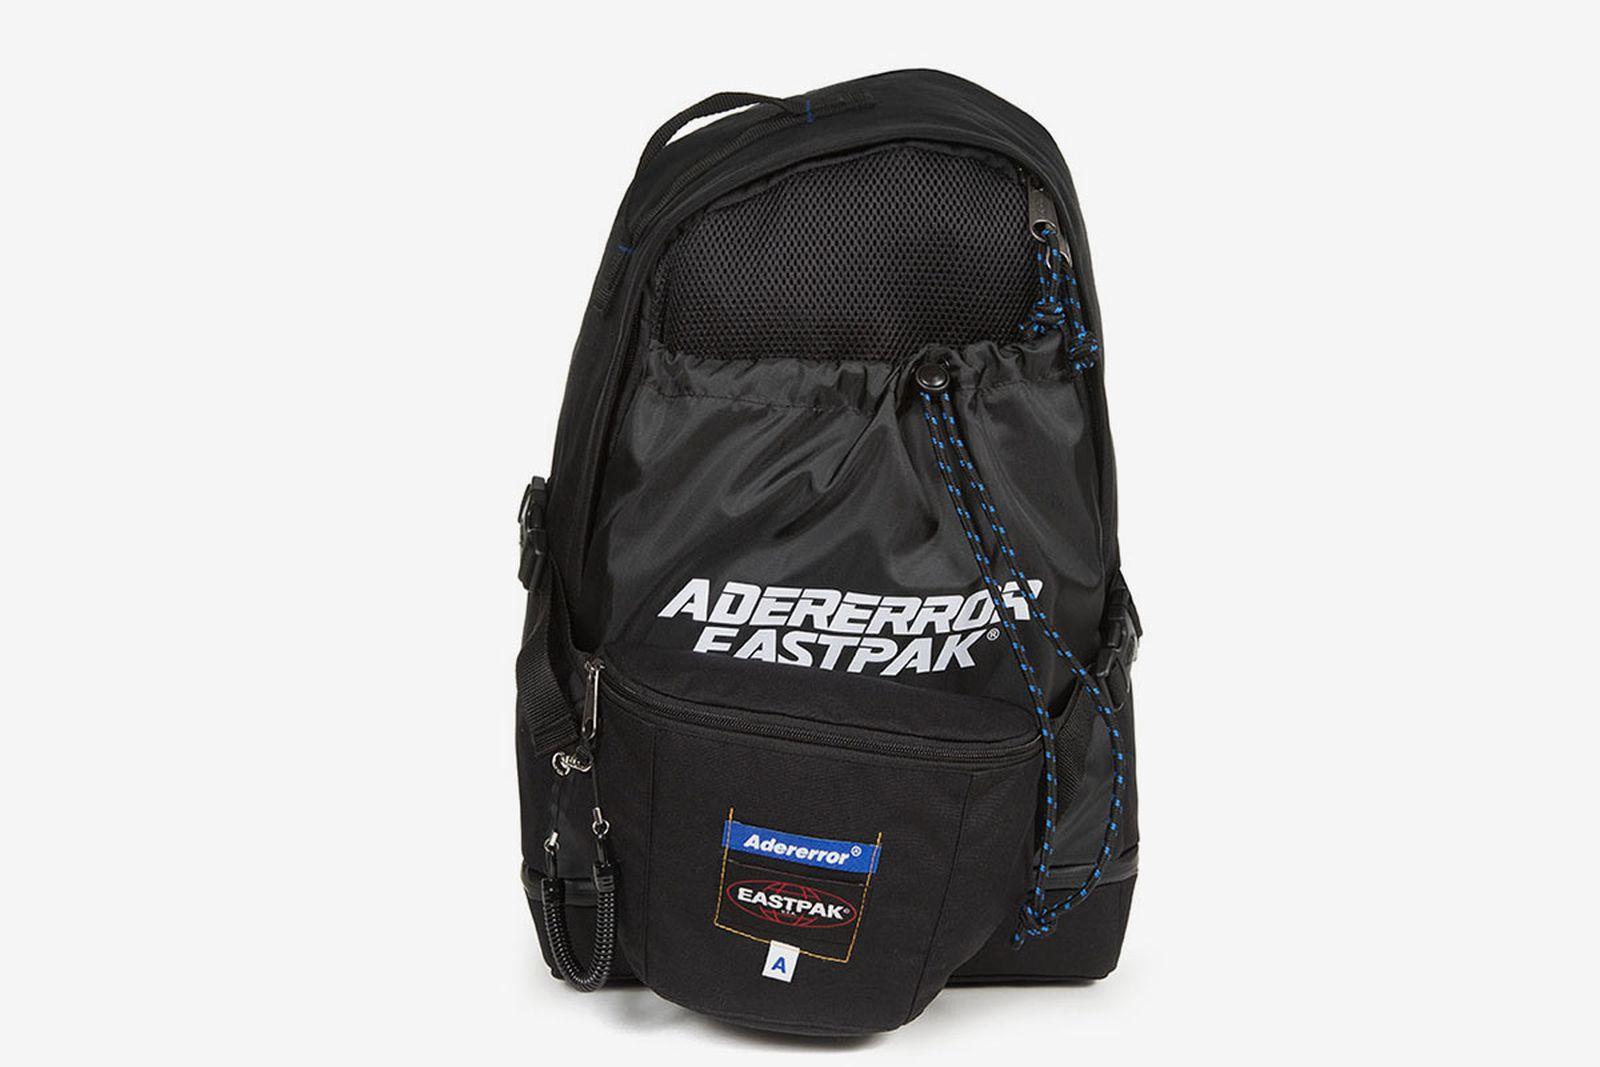 ader-error-eastpak-bags-09